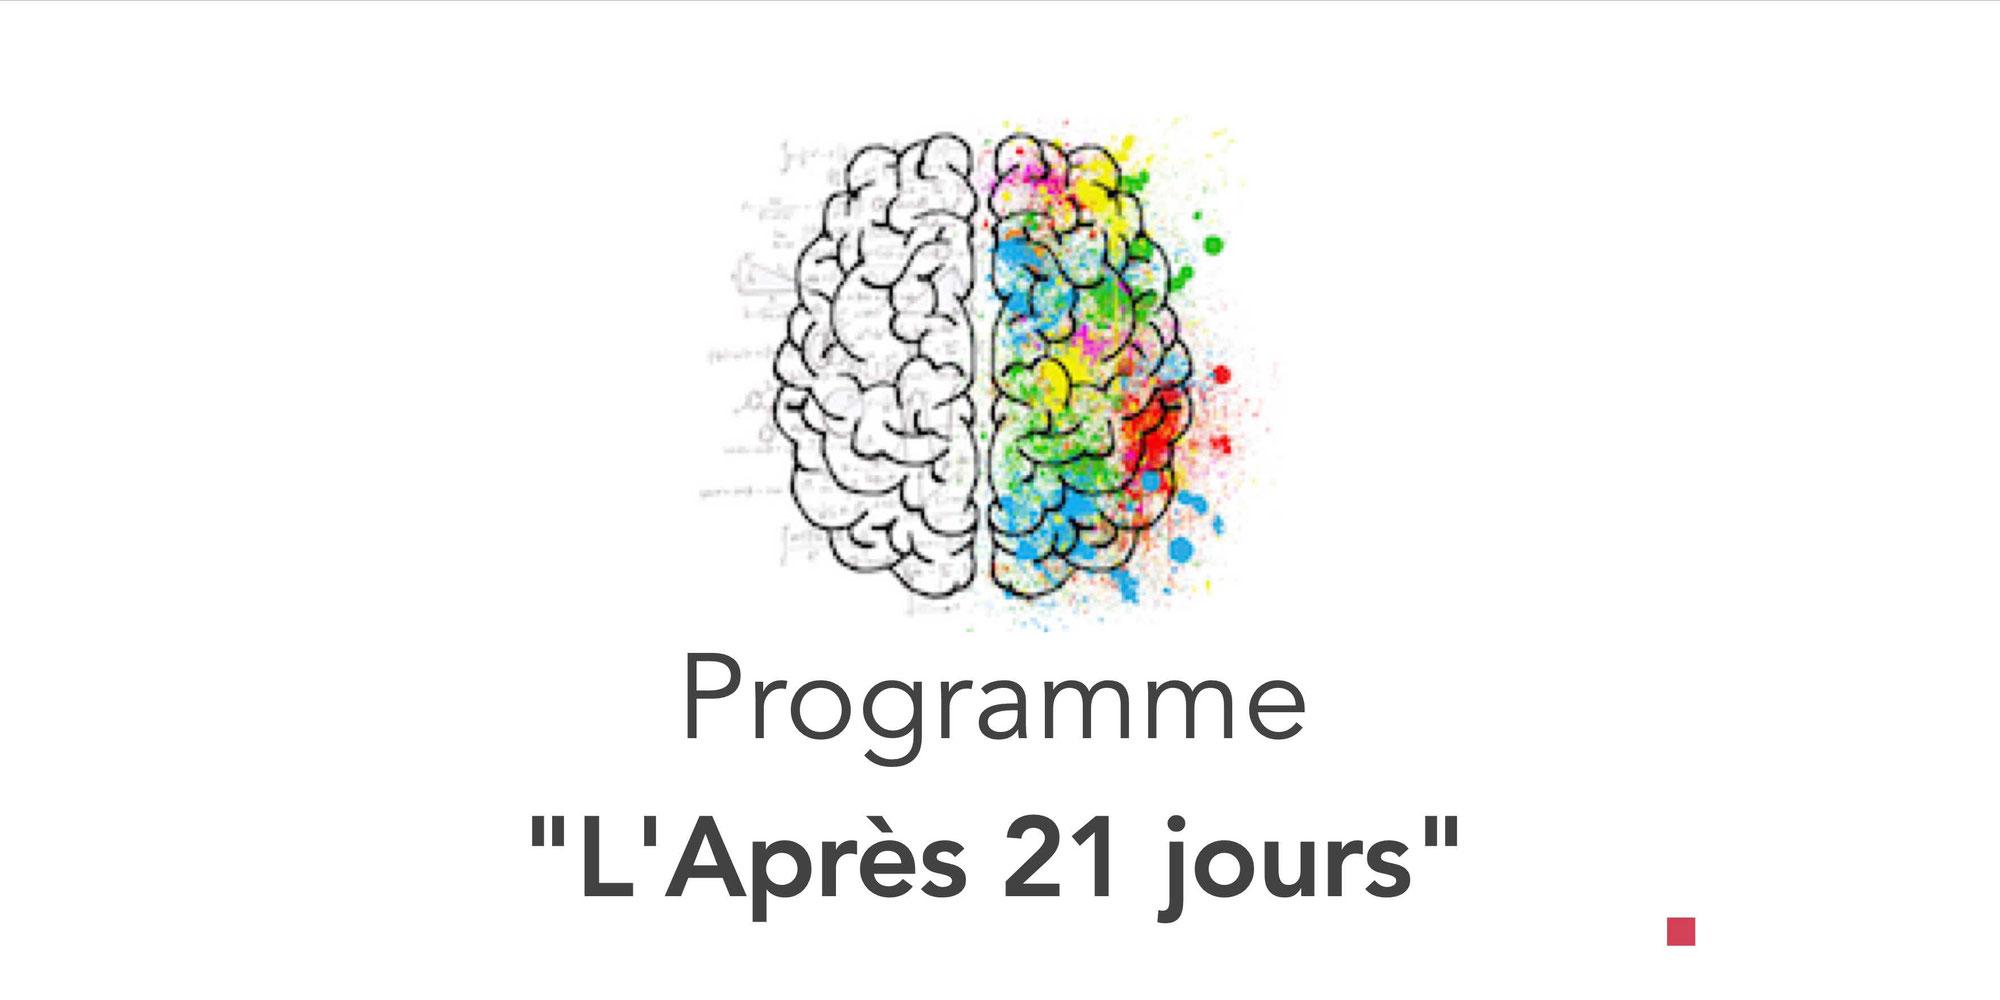 27 Avril - J-14 -  Cycle de la dépendance et accès à l'autonomie